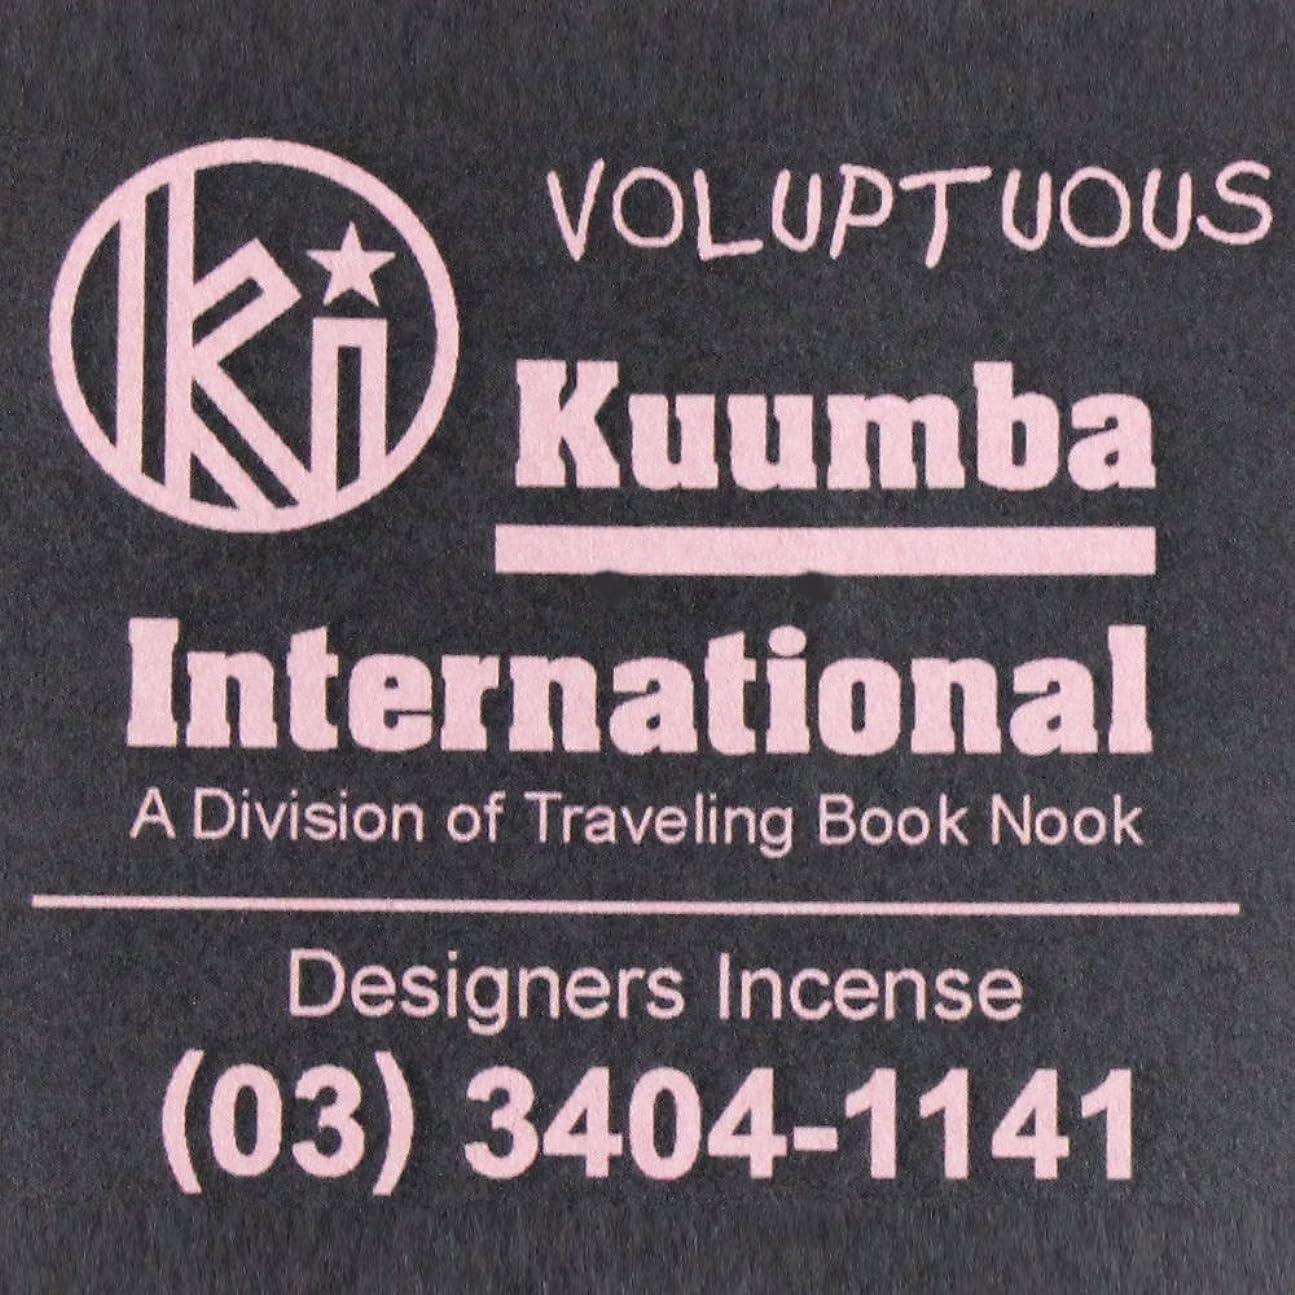 揮発性典型的な飼い慣らすKUUMBA (クンバ)『incense』(VOLUPTUOUS) (Regular size)